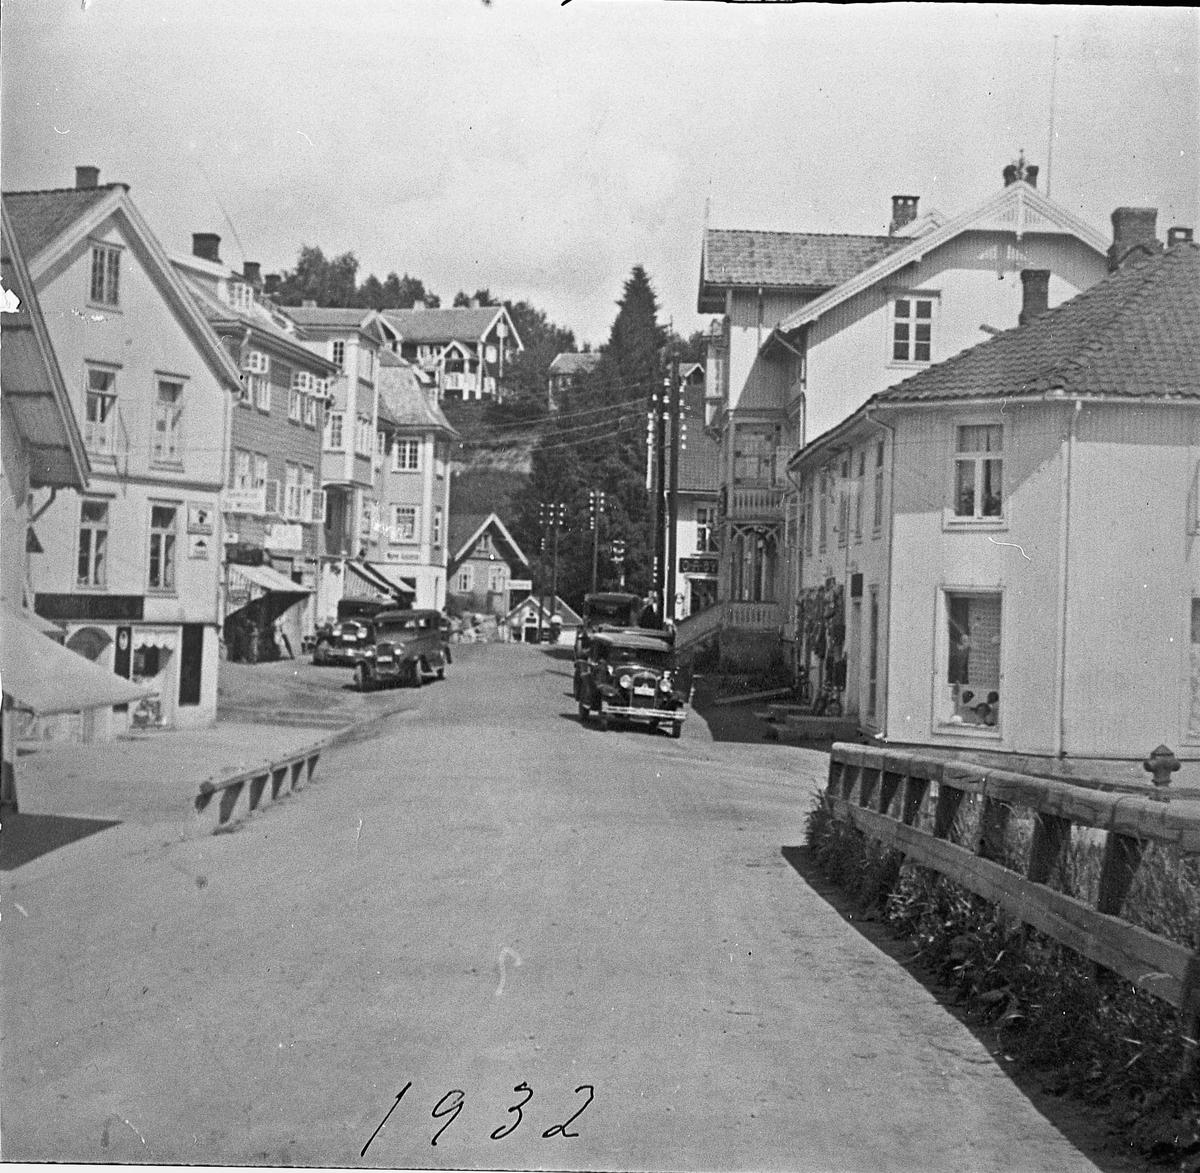 Sundet 1932